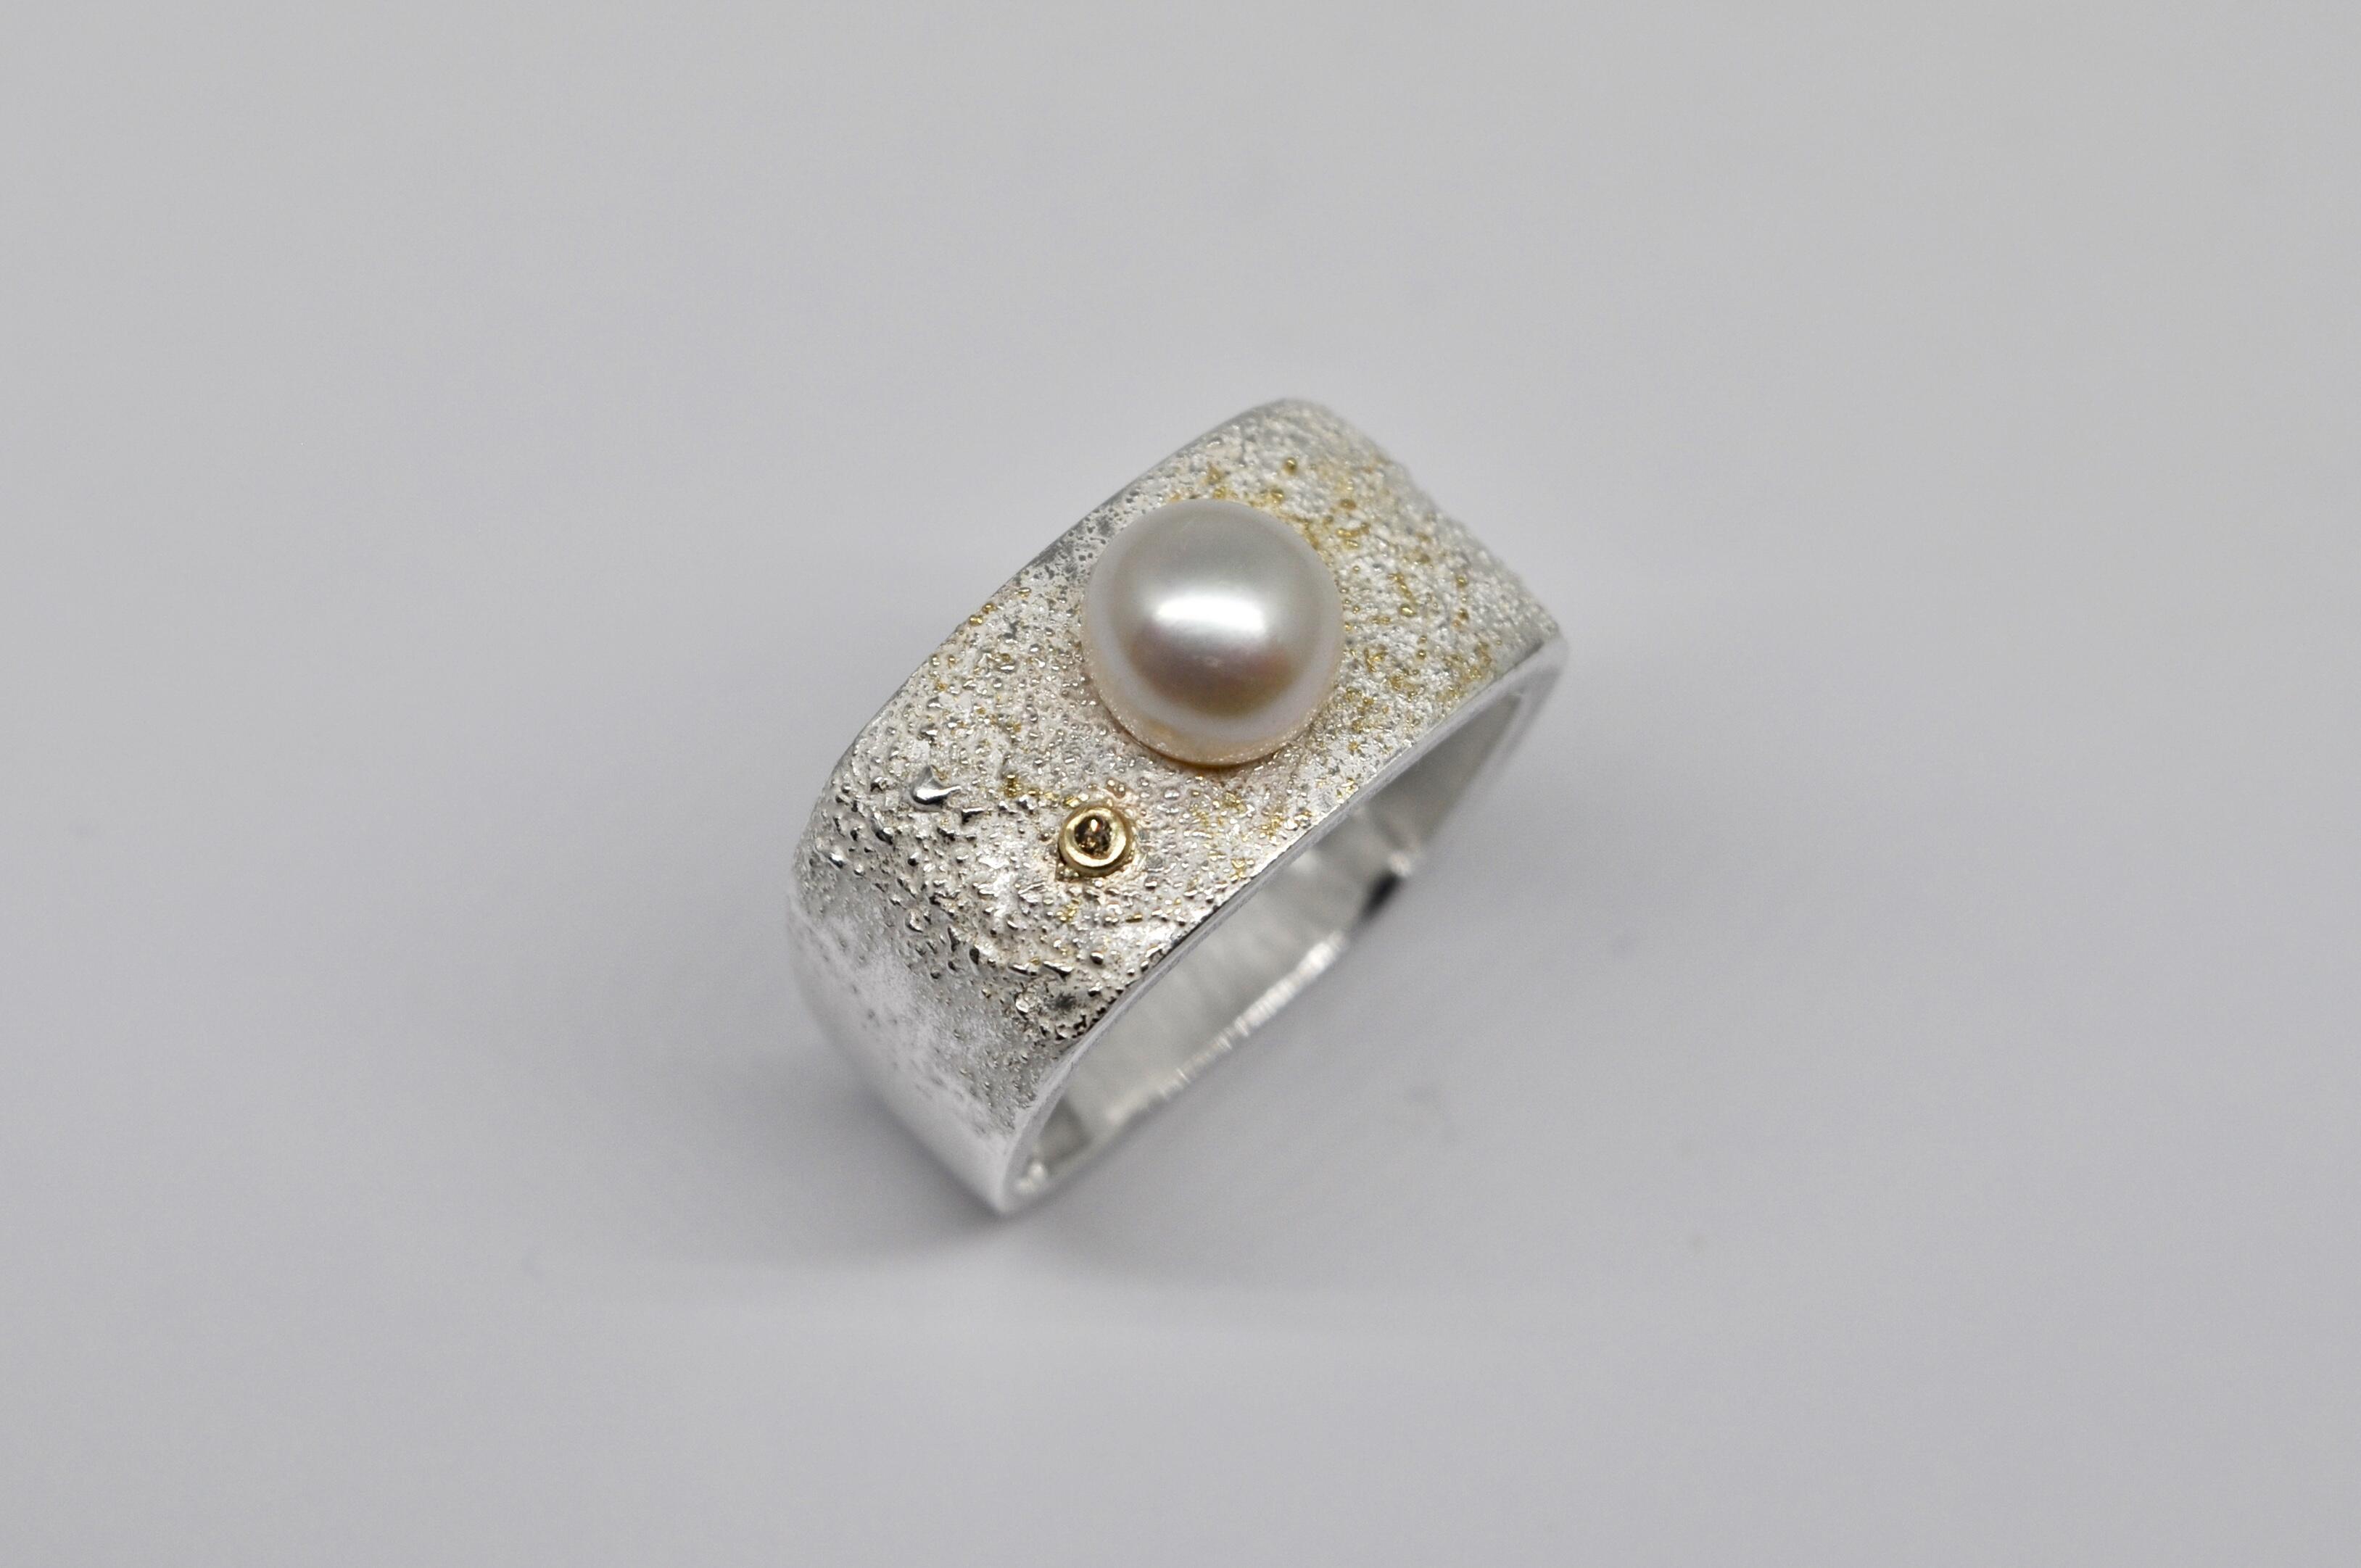 Bague carrée en argent avec perle d'eau douce blanche et diamant brun